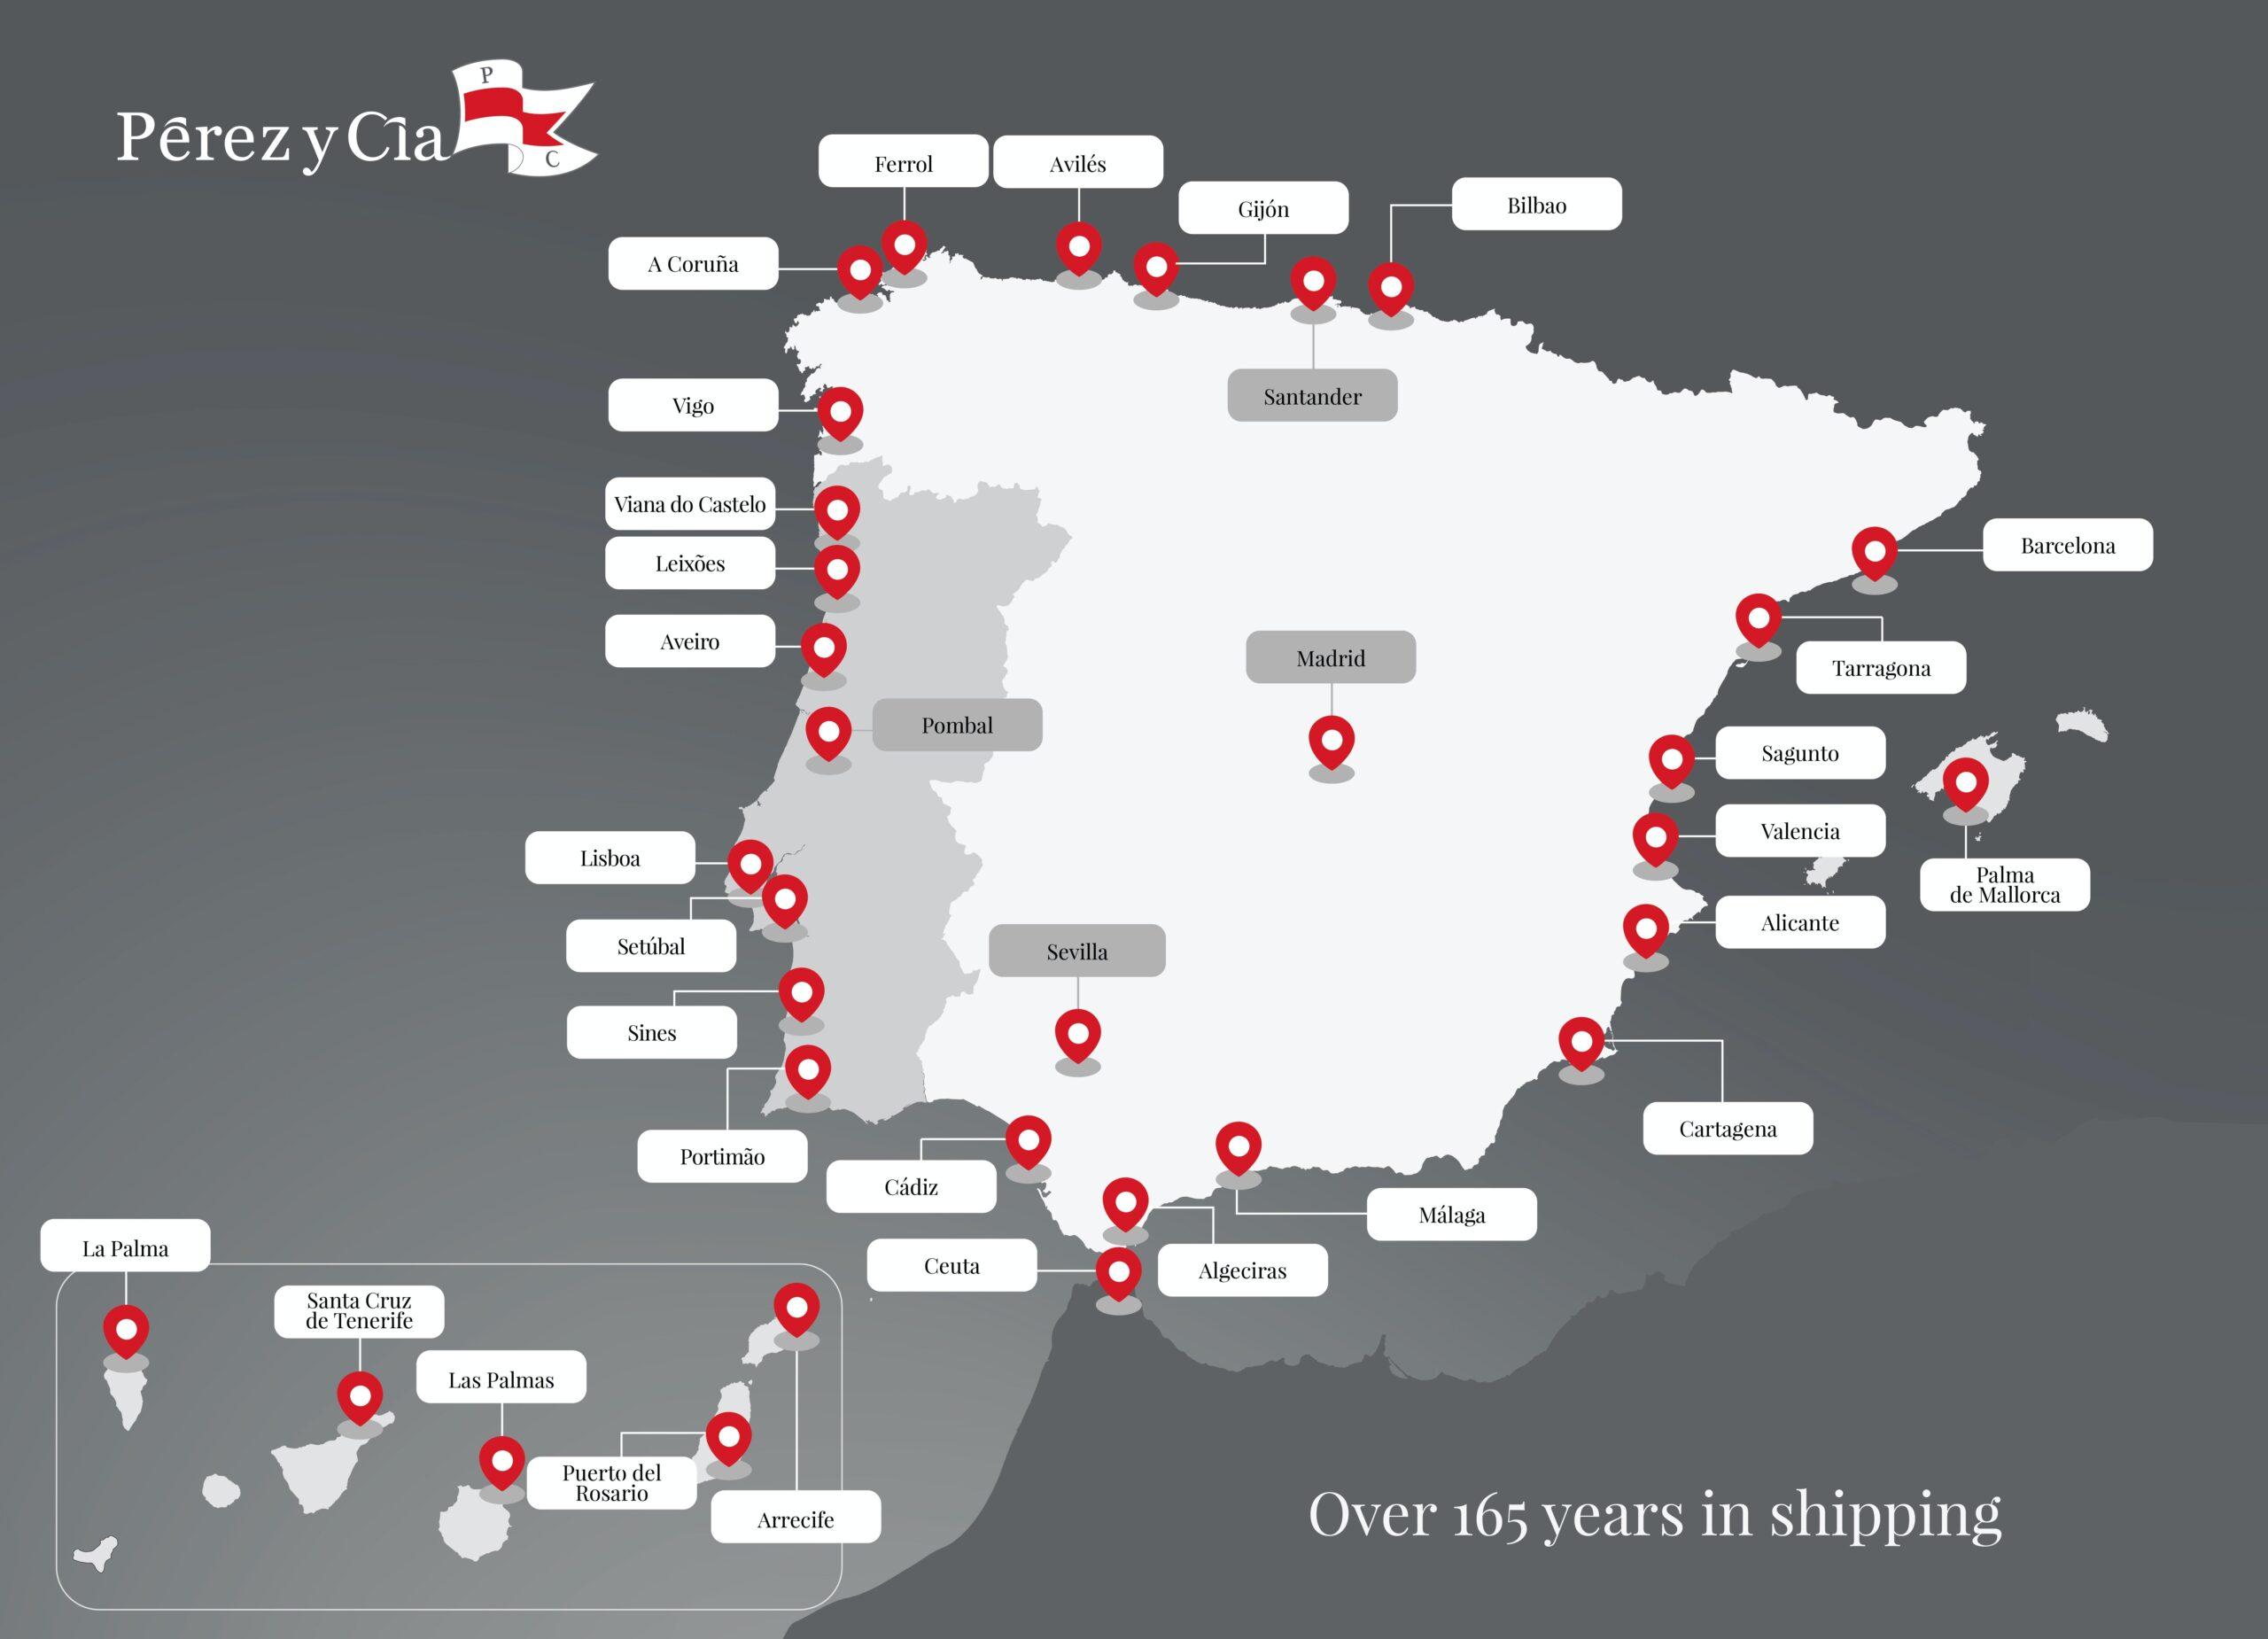 Pérez y Cía. refuerza su presencia en el mercado ibérico con la compra de Burmester & Stüve Navegaçâo S.A